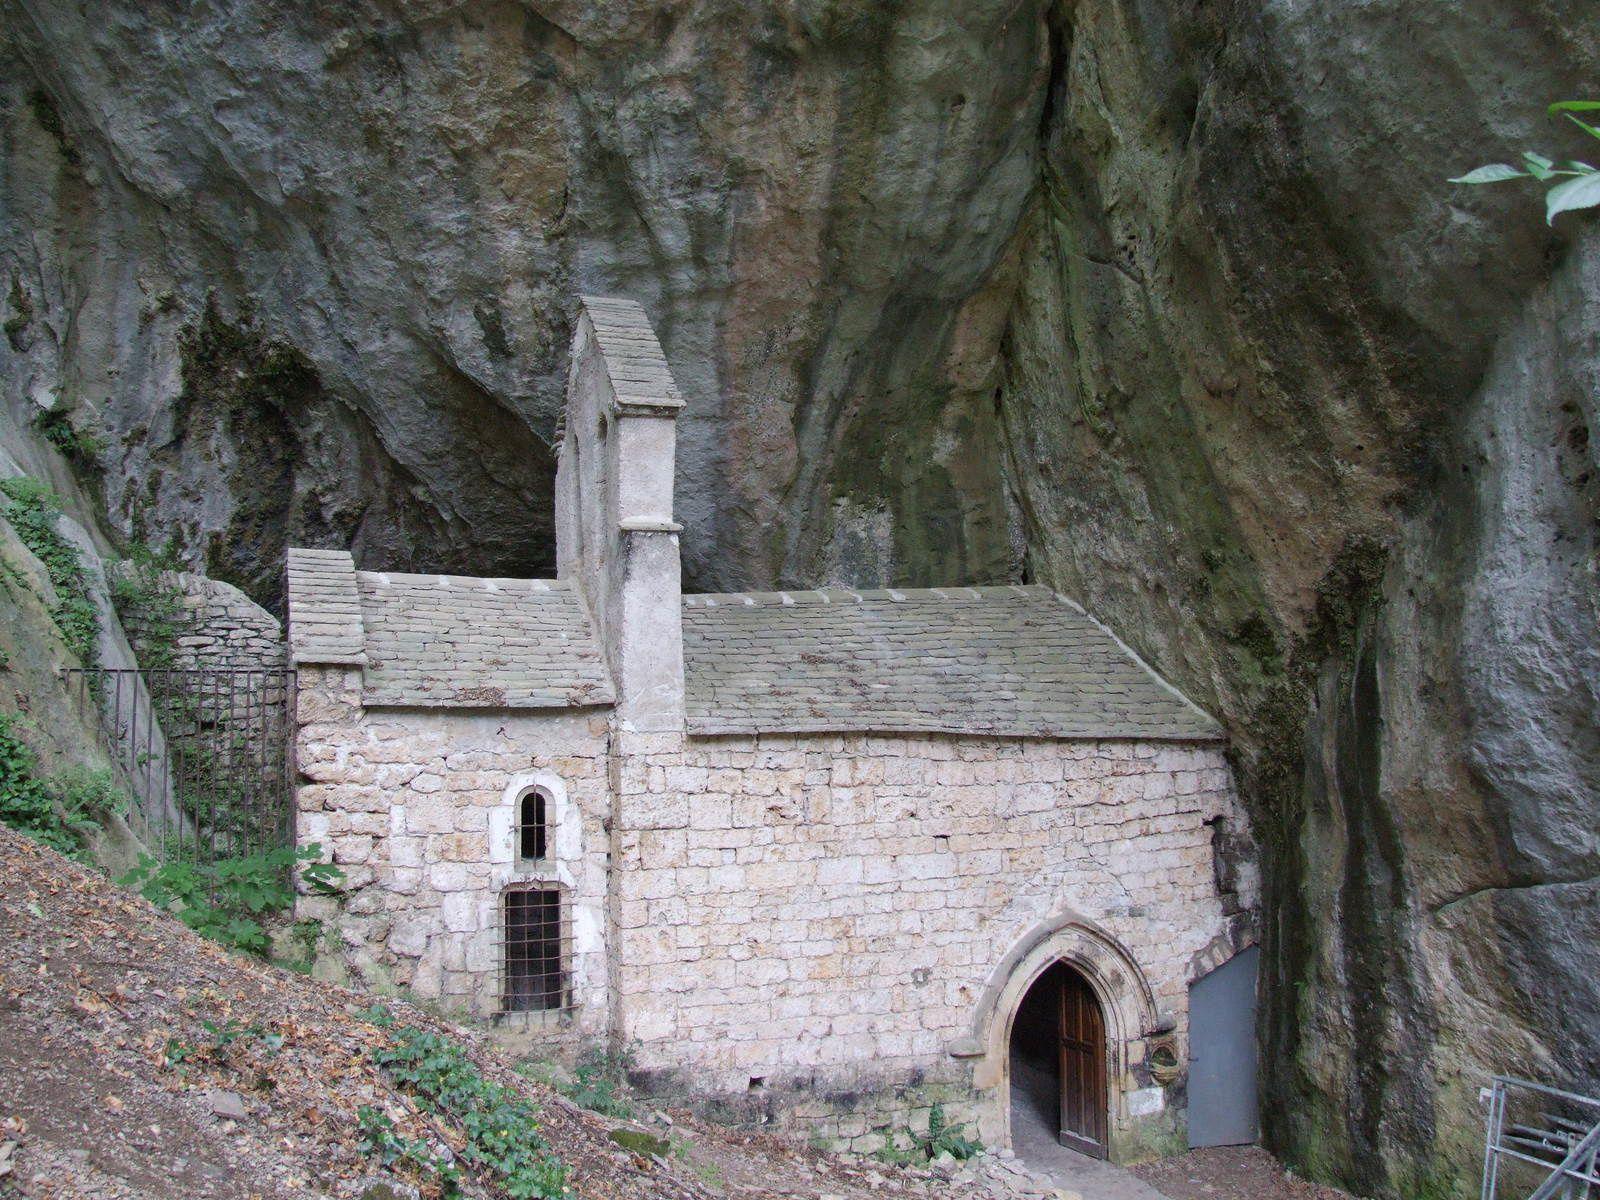 Saint-Chély-du-Tarn Gorges du Tarn - Lozère